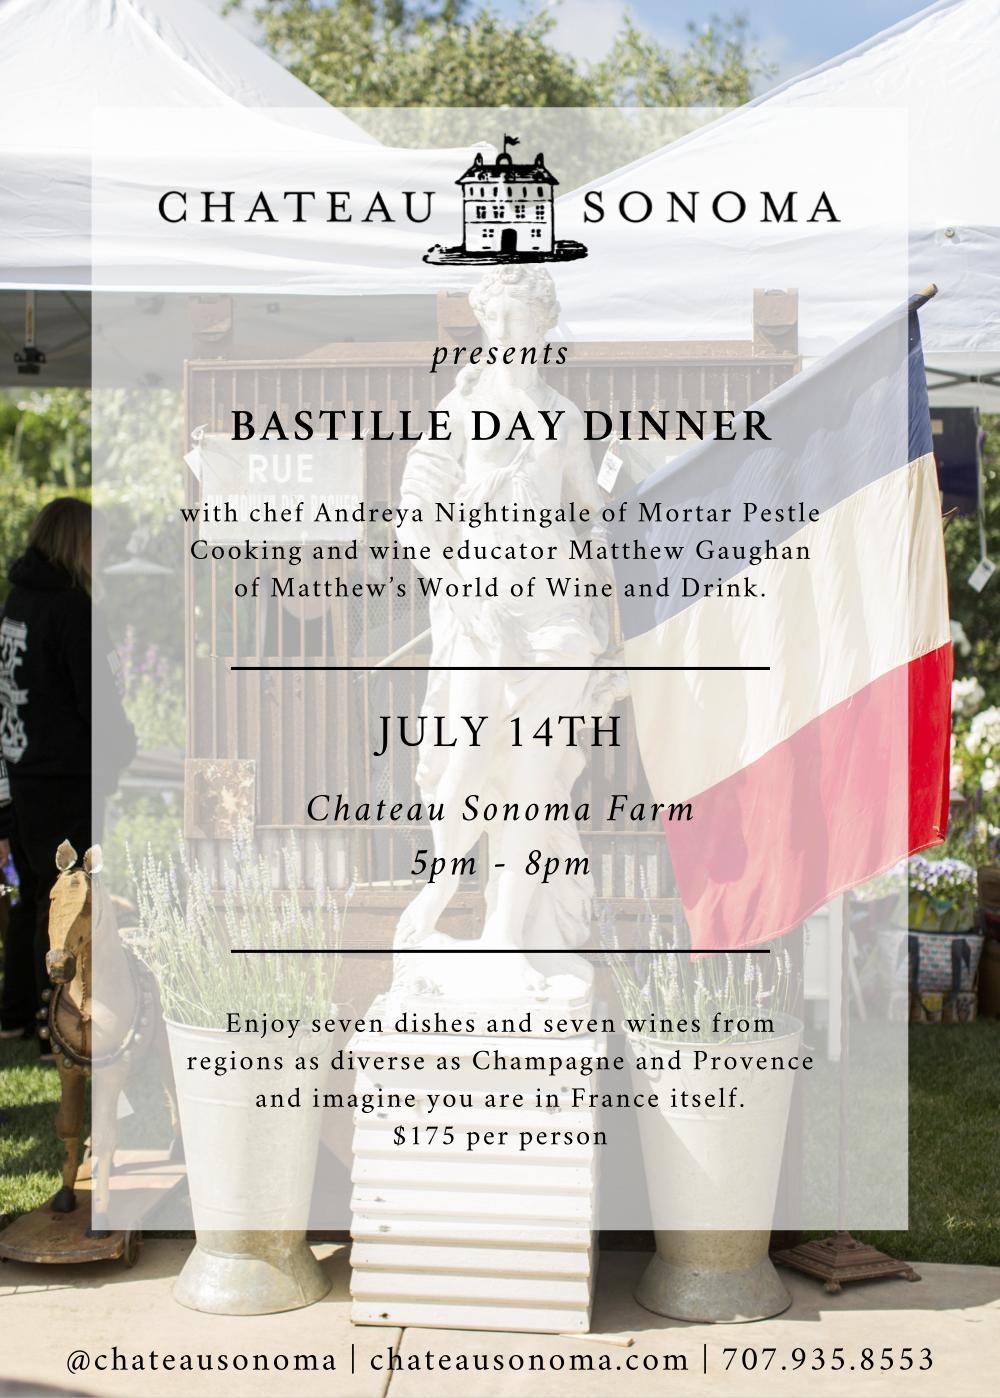 Bastille Day Dinner Invite.png